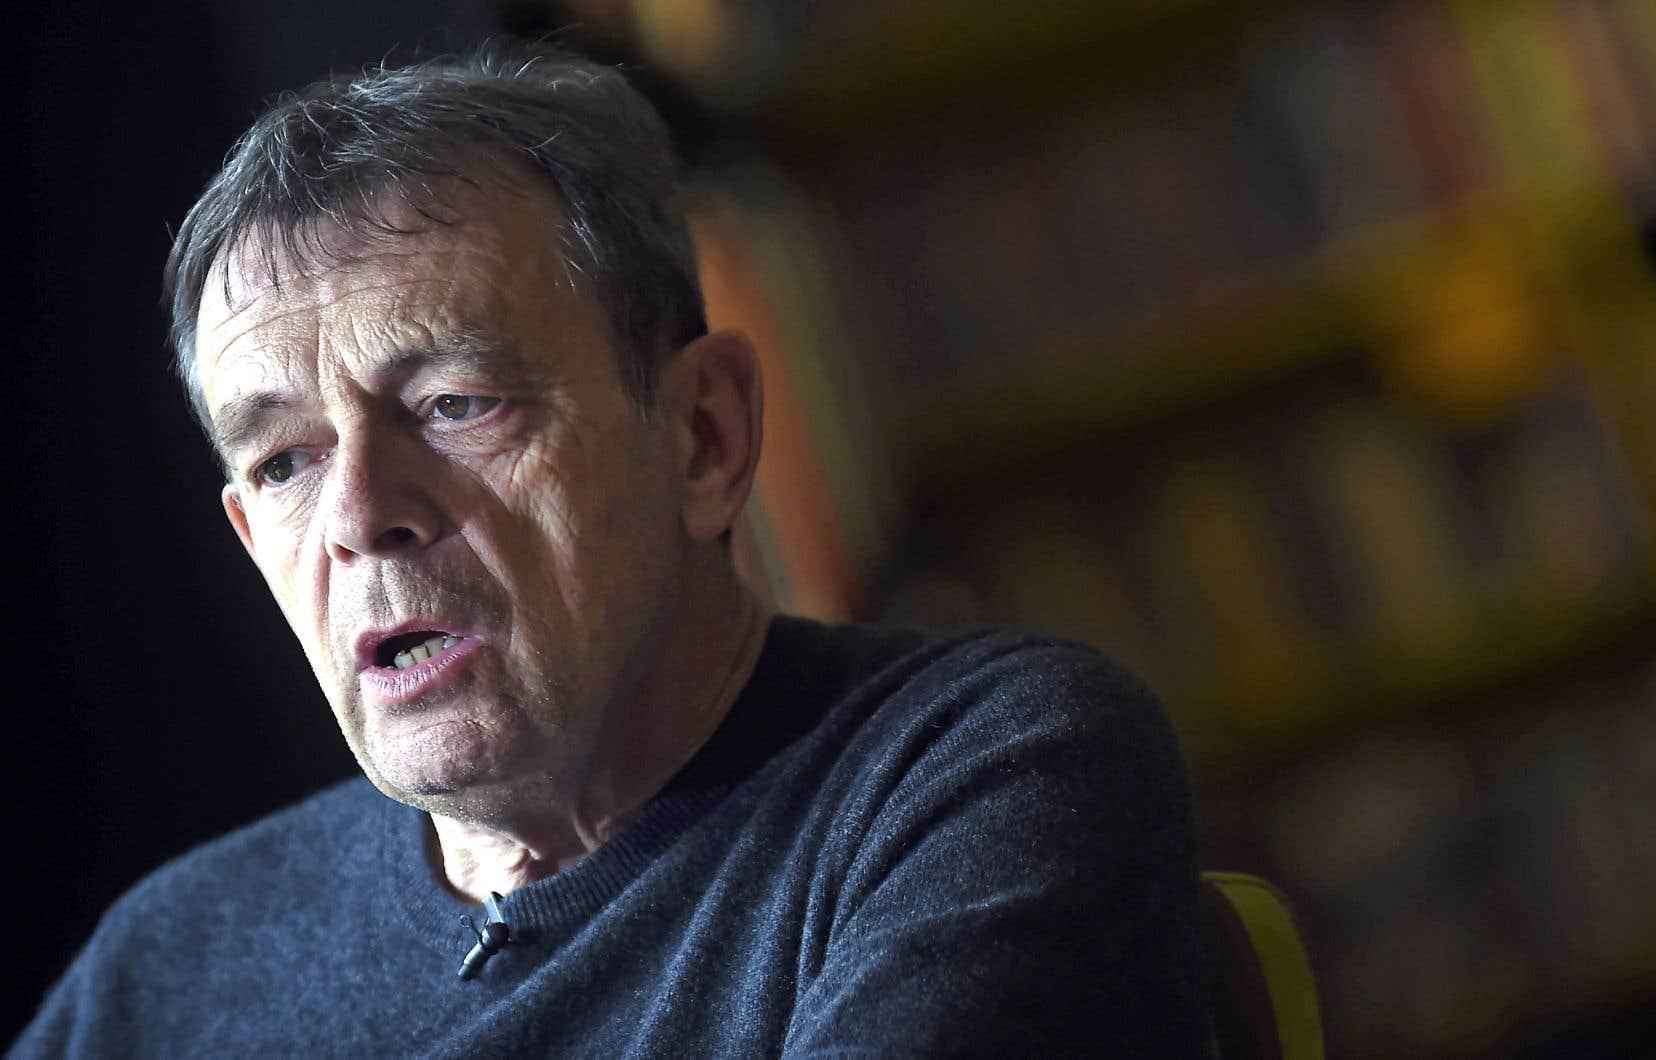 Auteur de romans noirs, historiques et de polars, Pierre Lemaitre semble cette fois recourir à tous les genres qu'il pratique.